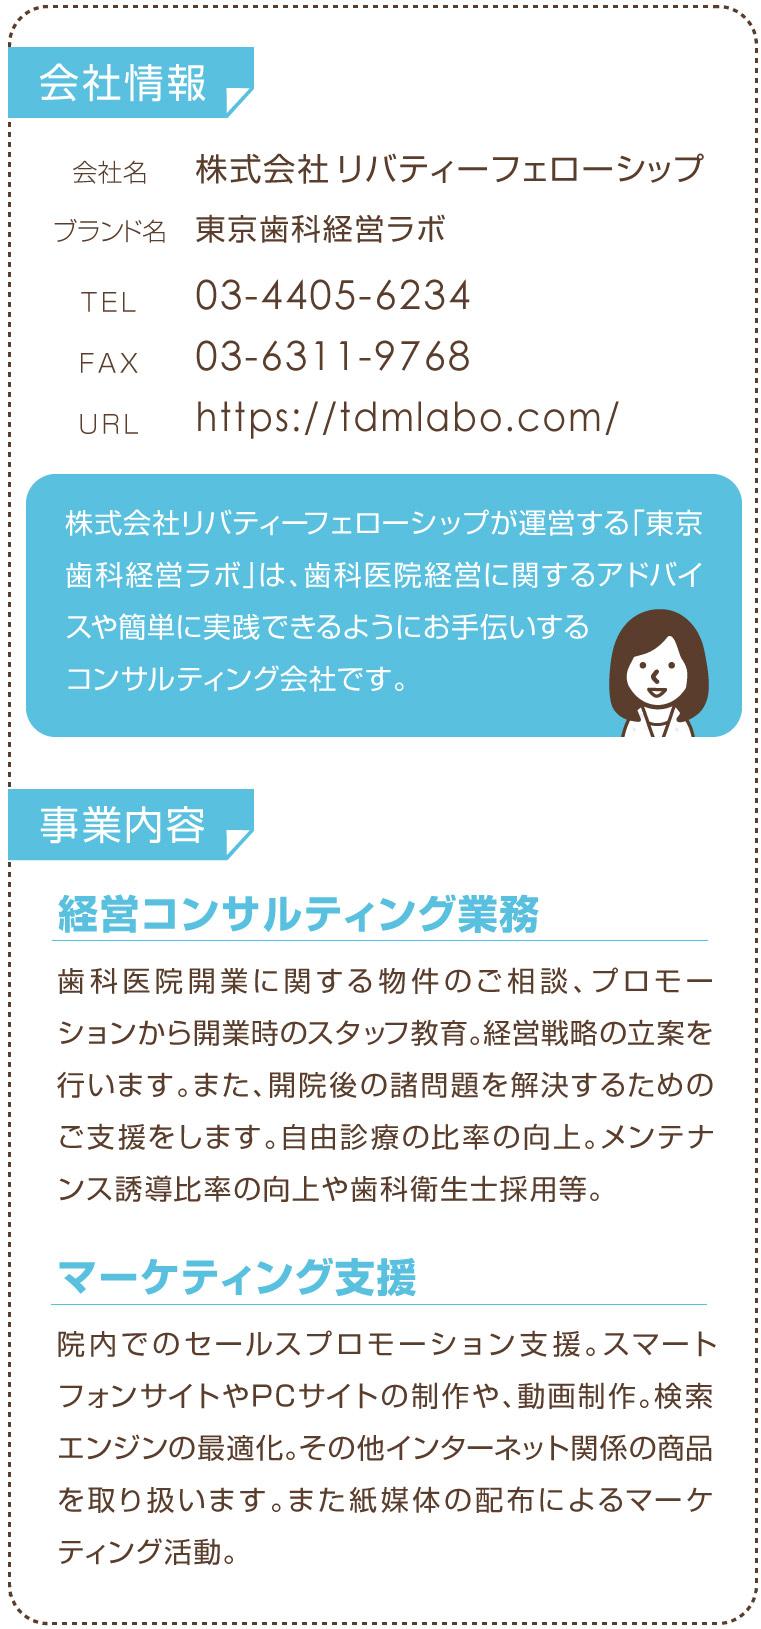 東京歯科経営ラボの会社概要と事業内容